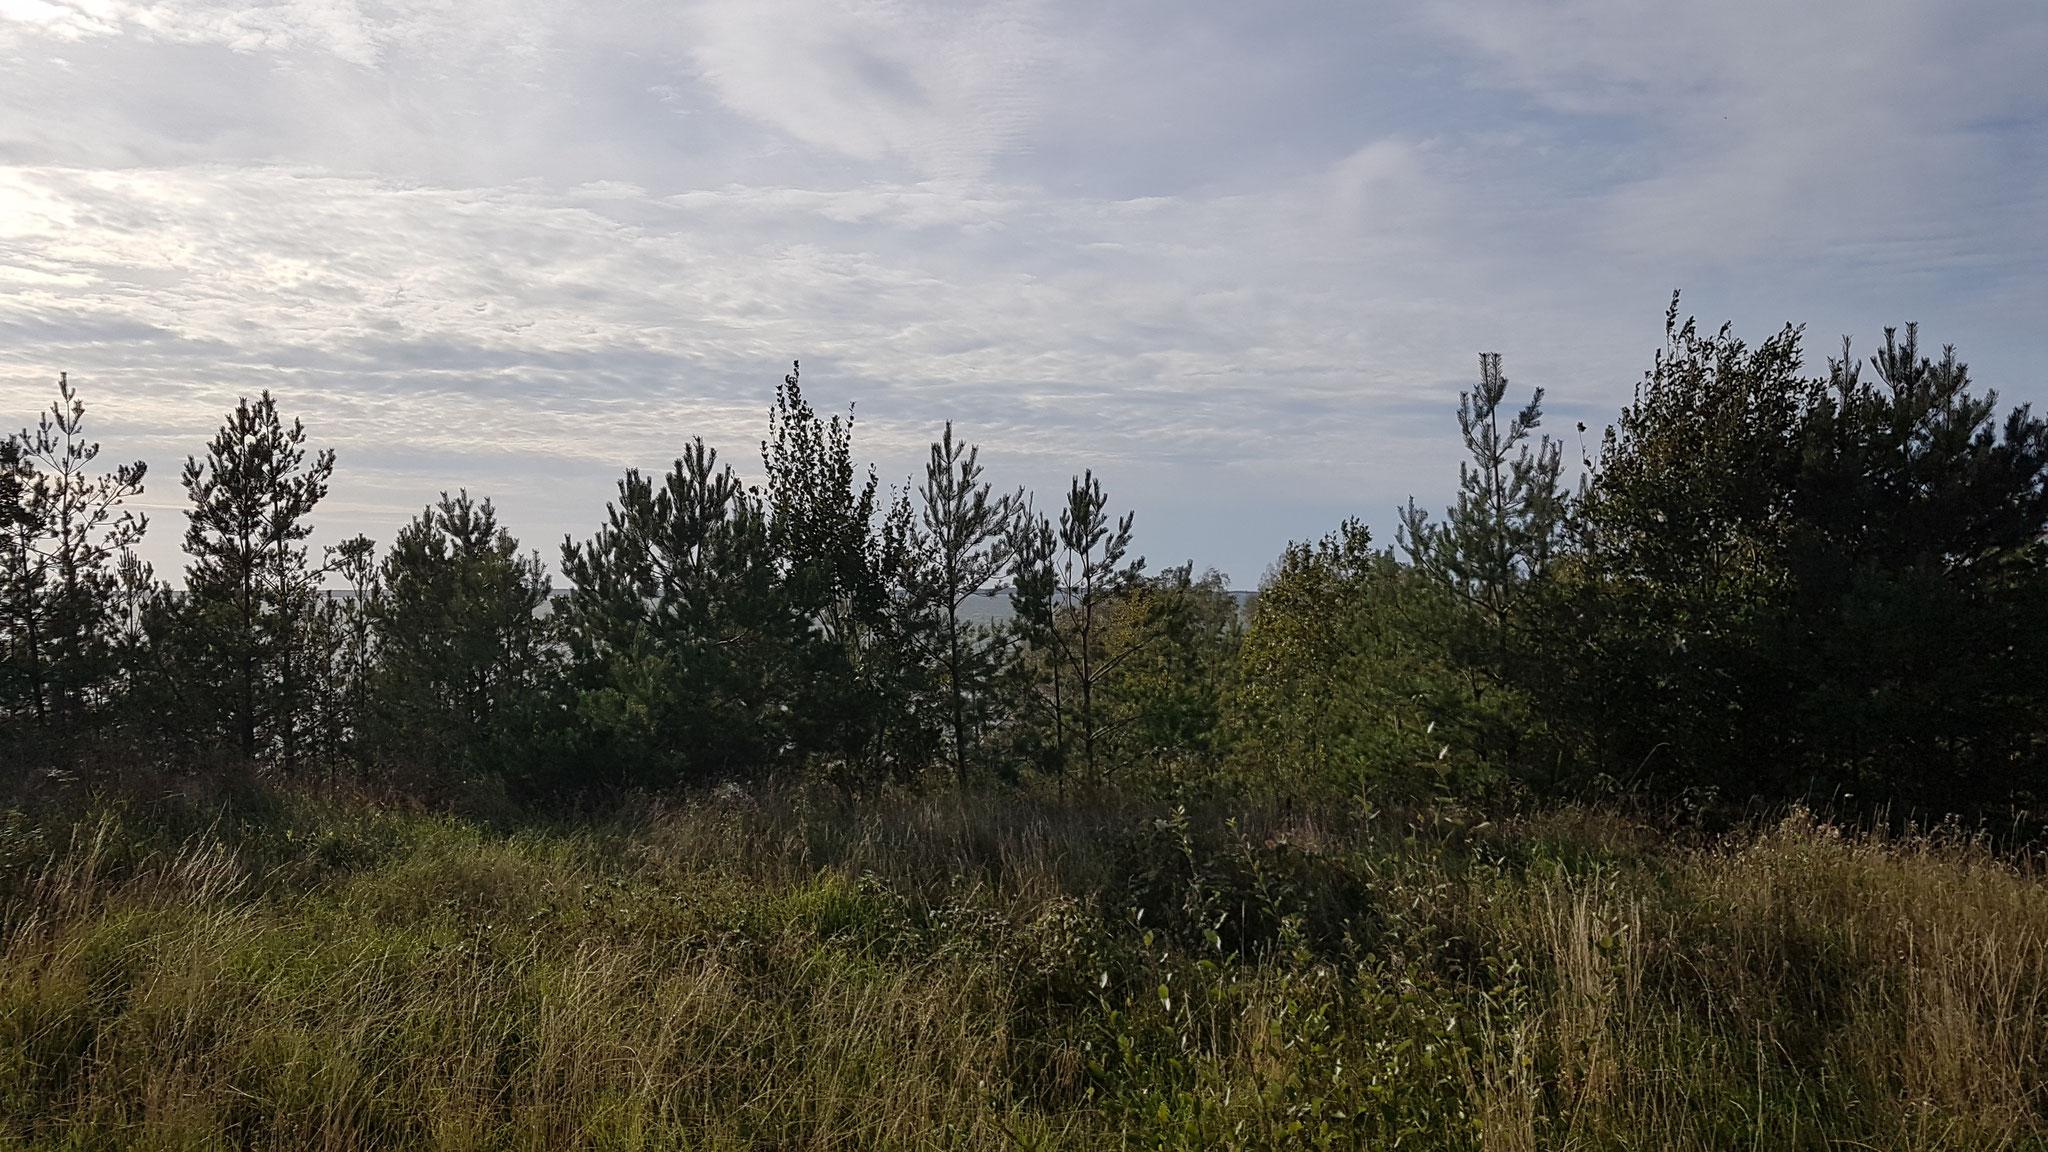 Wer sieht den grossen Vänern-See von Schweden?